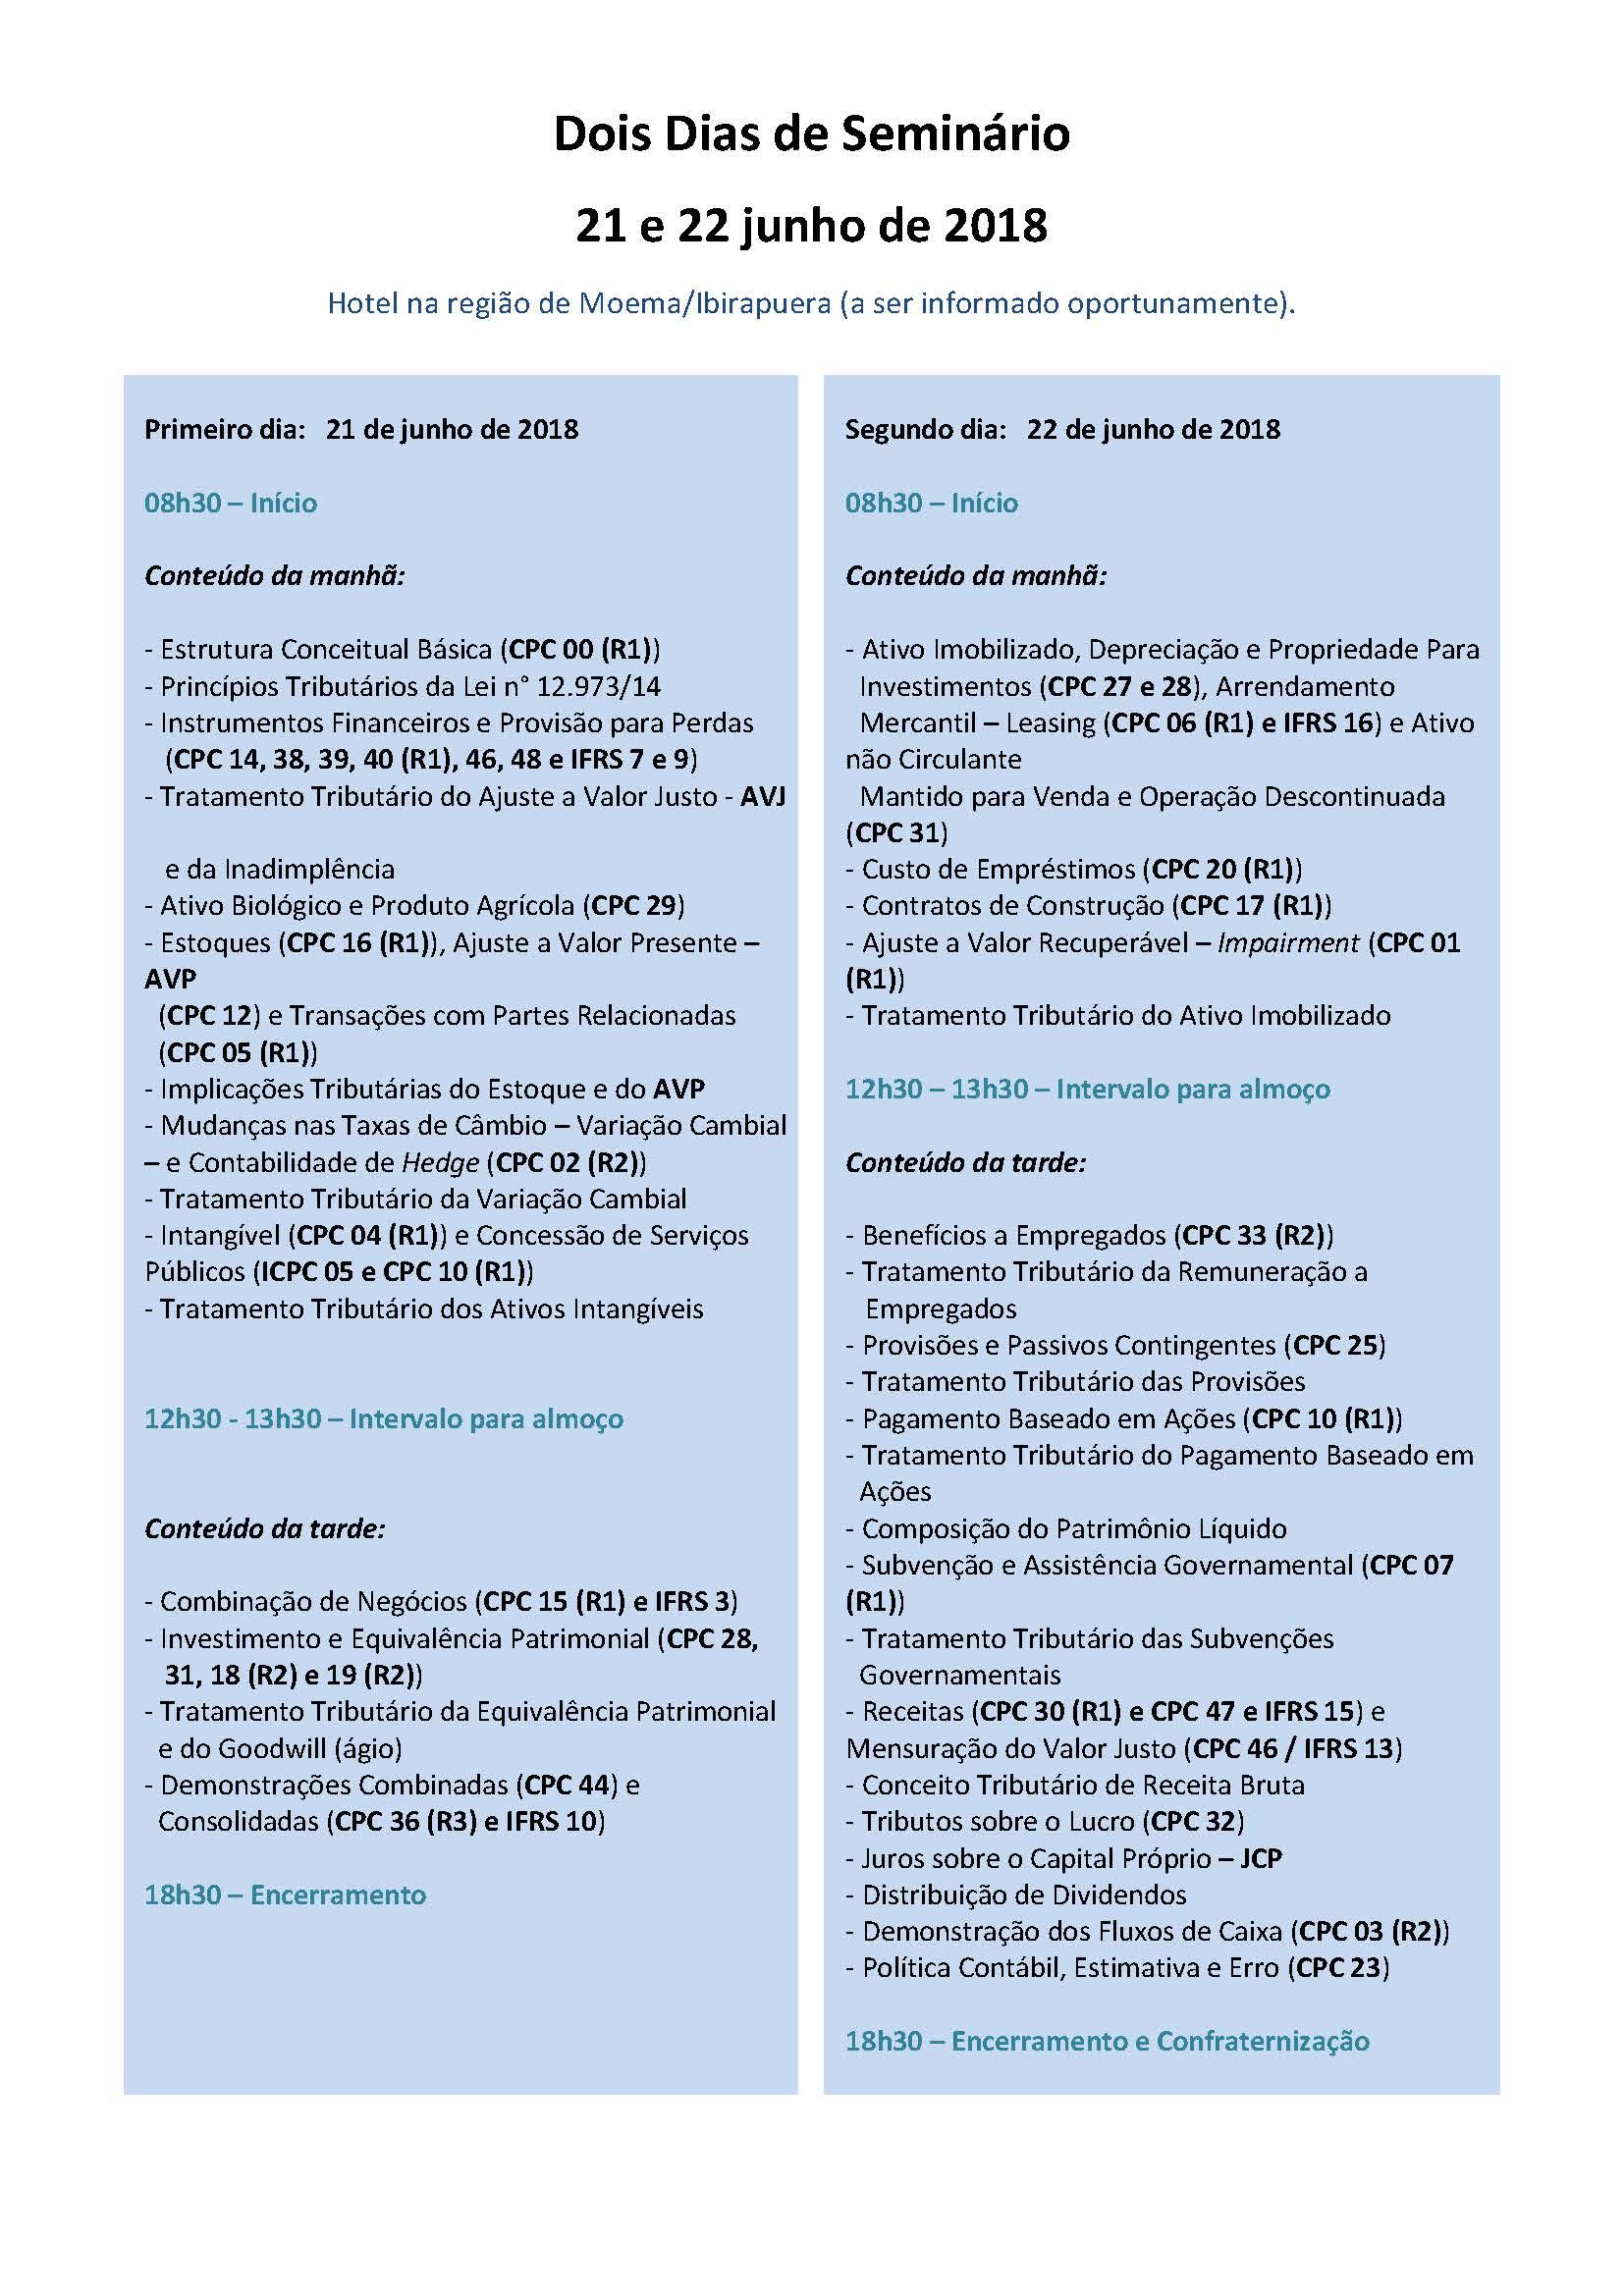 Imersão em CPC - IFRS e os seus Impactos Tributários (Lei 12 973-14) - 21 e 22.6.18_Page_6